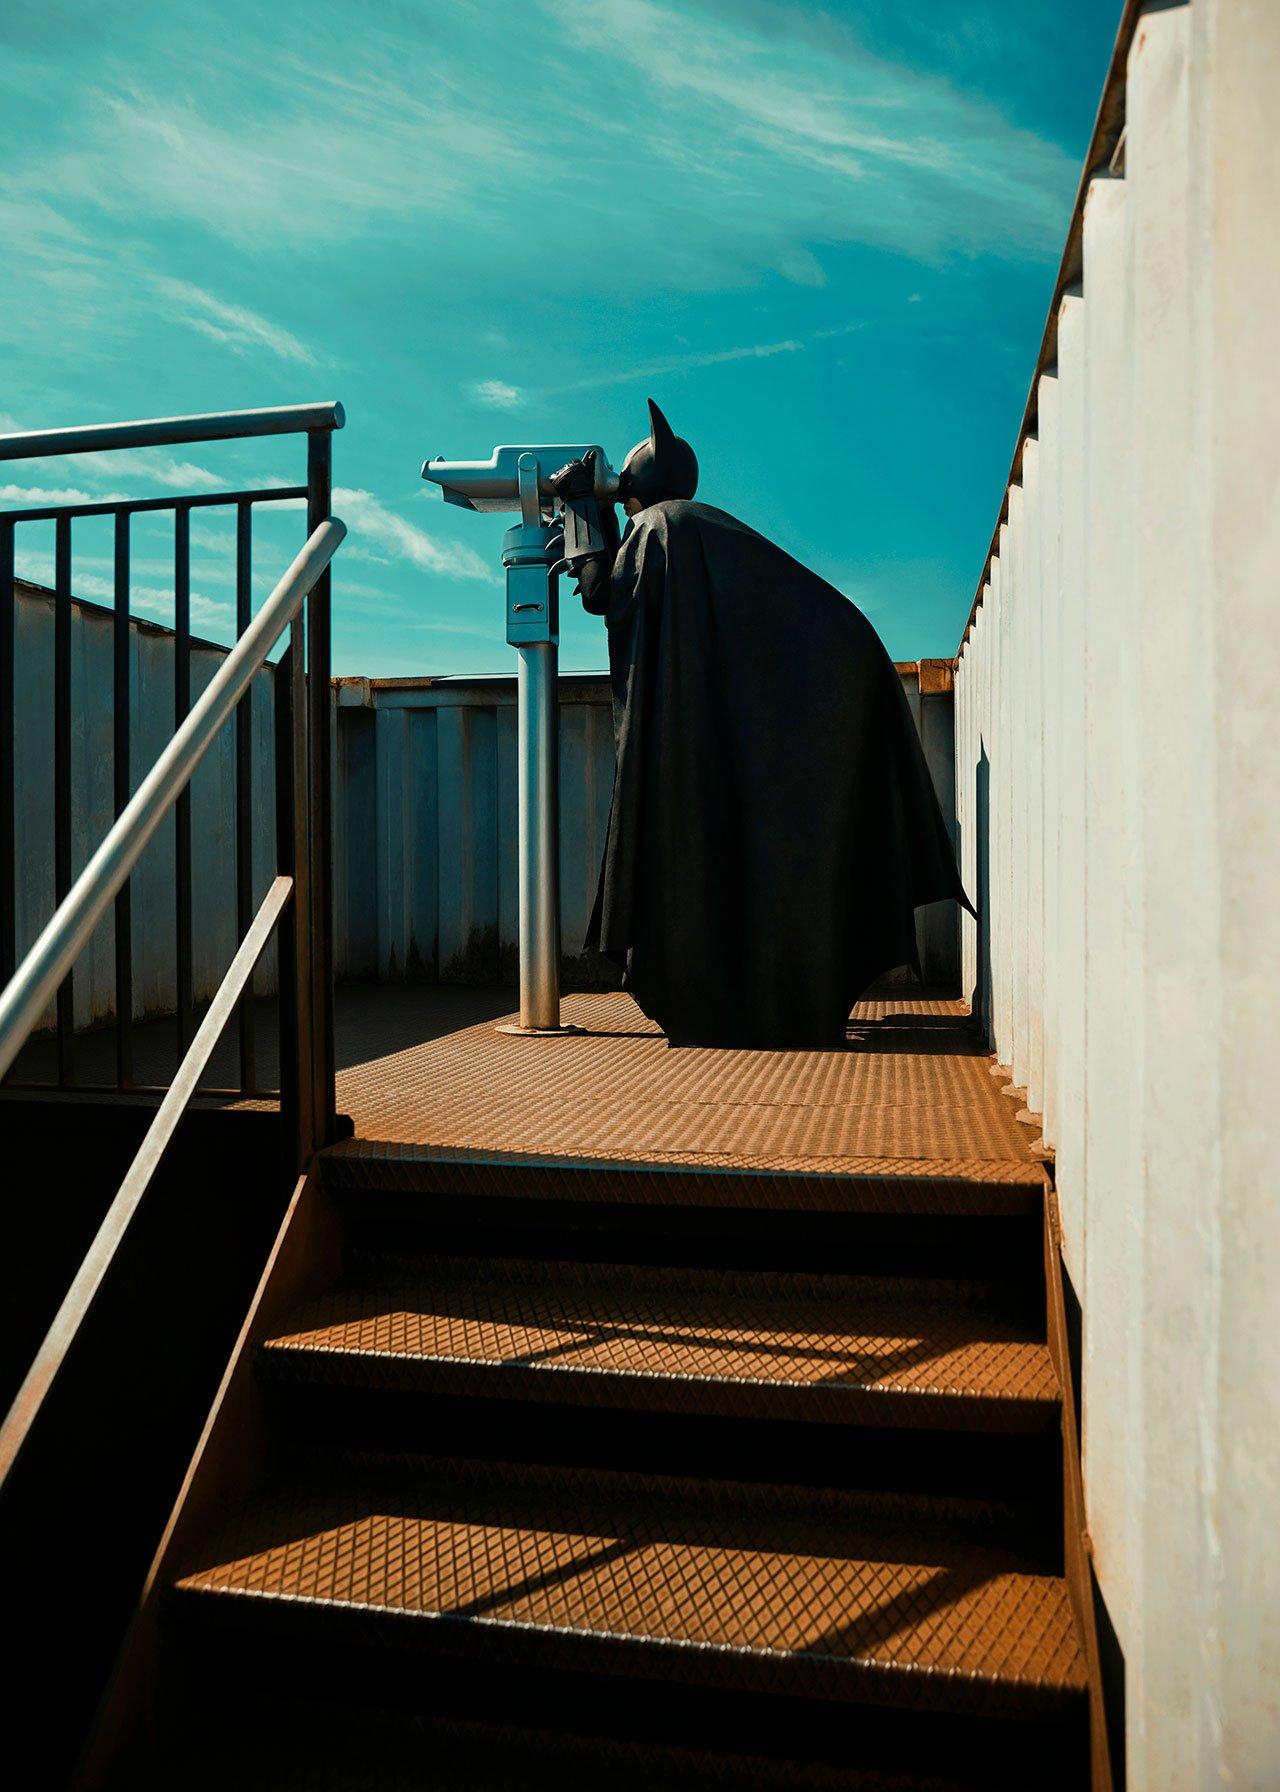 Daily Bat - Sightseeing. Photography by Sebastian Magnani.